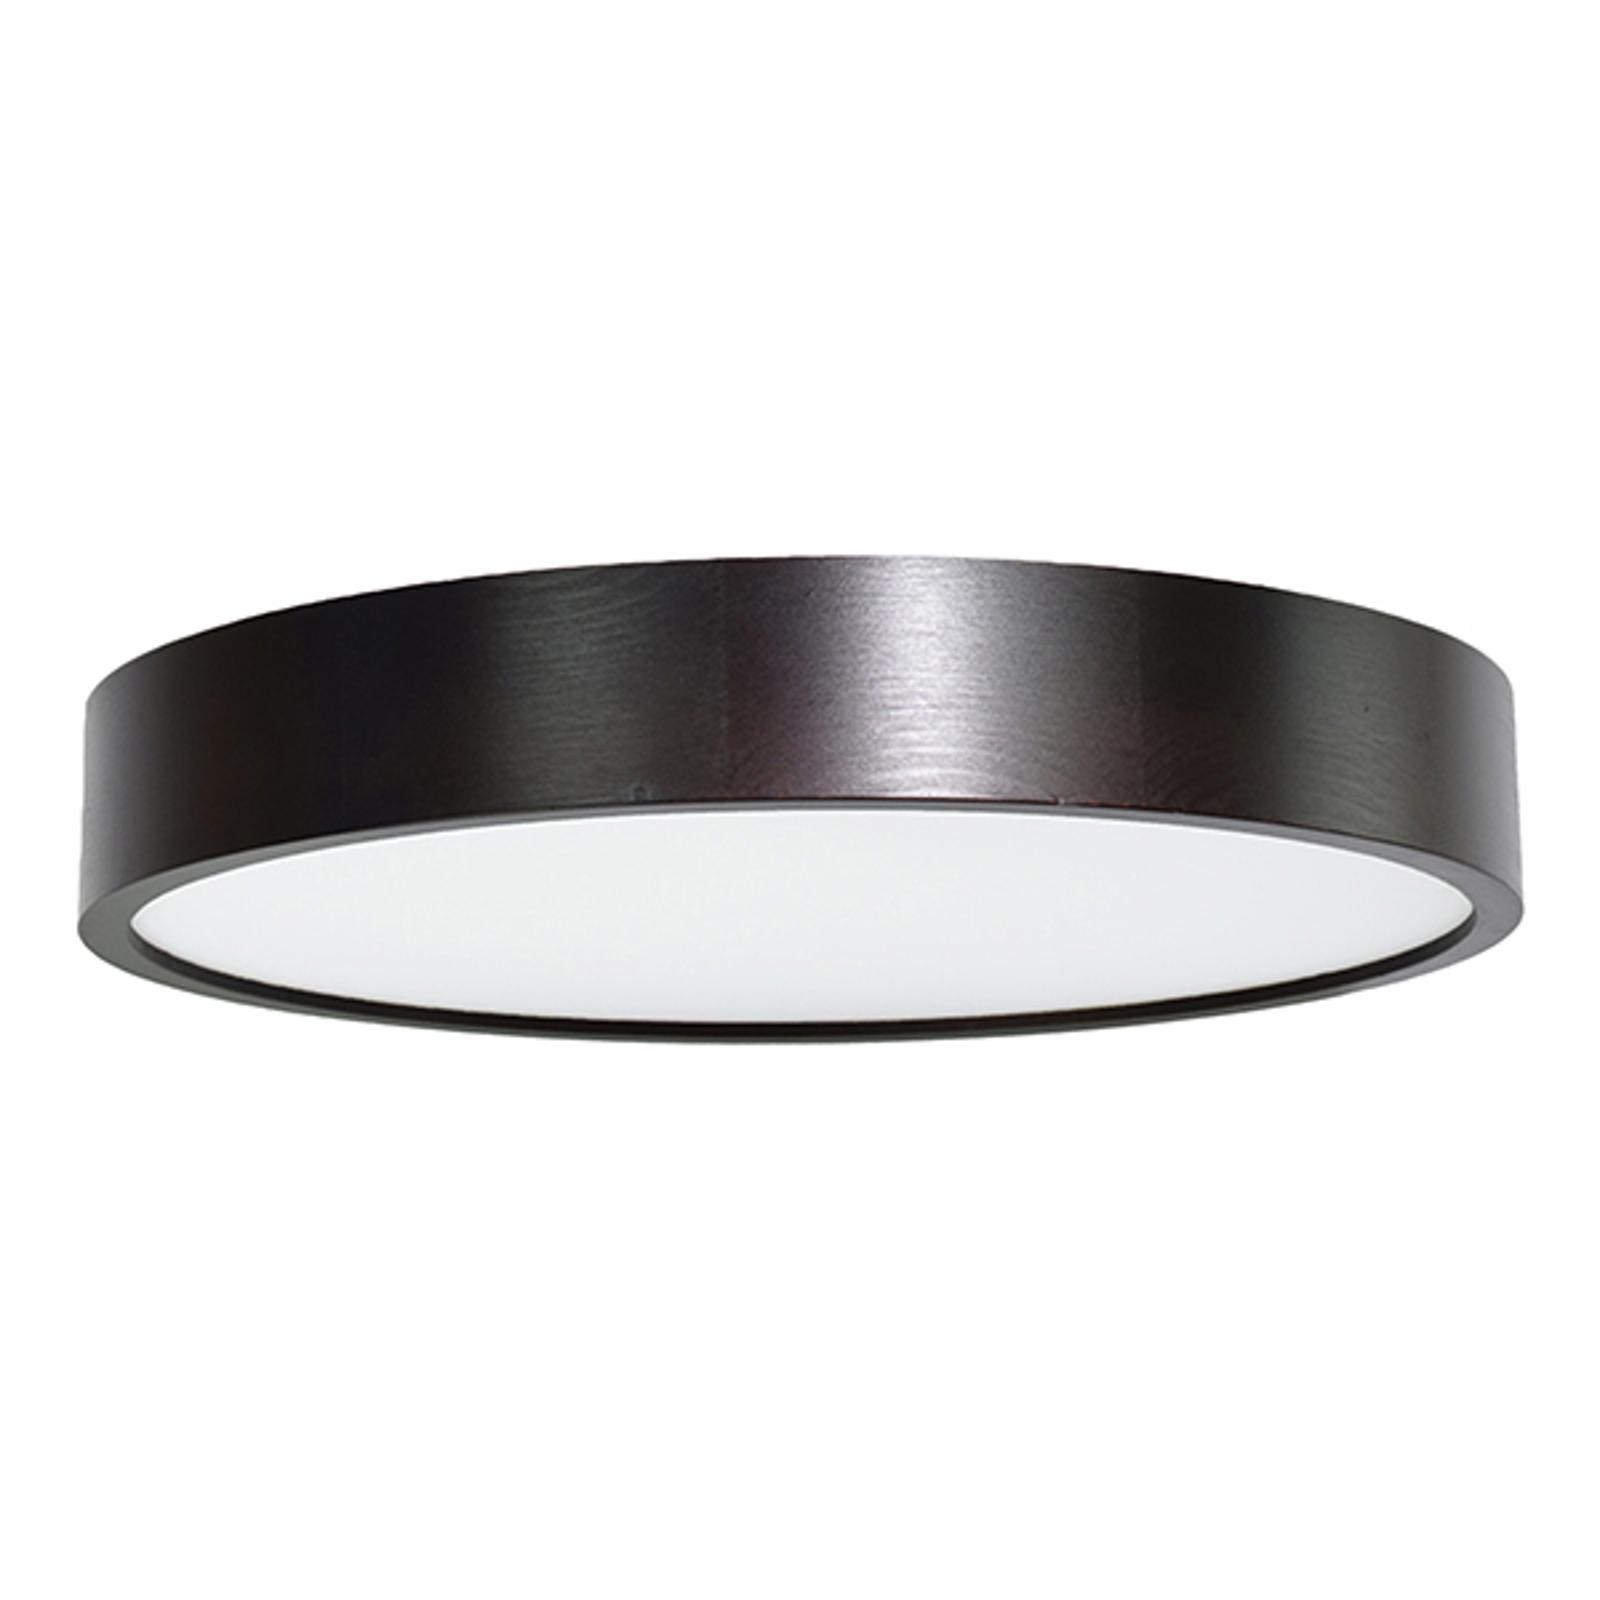 Cleo LED-loftlampe, Ø 48 cm, sort